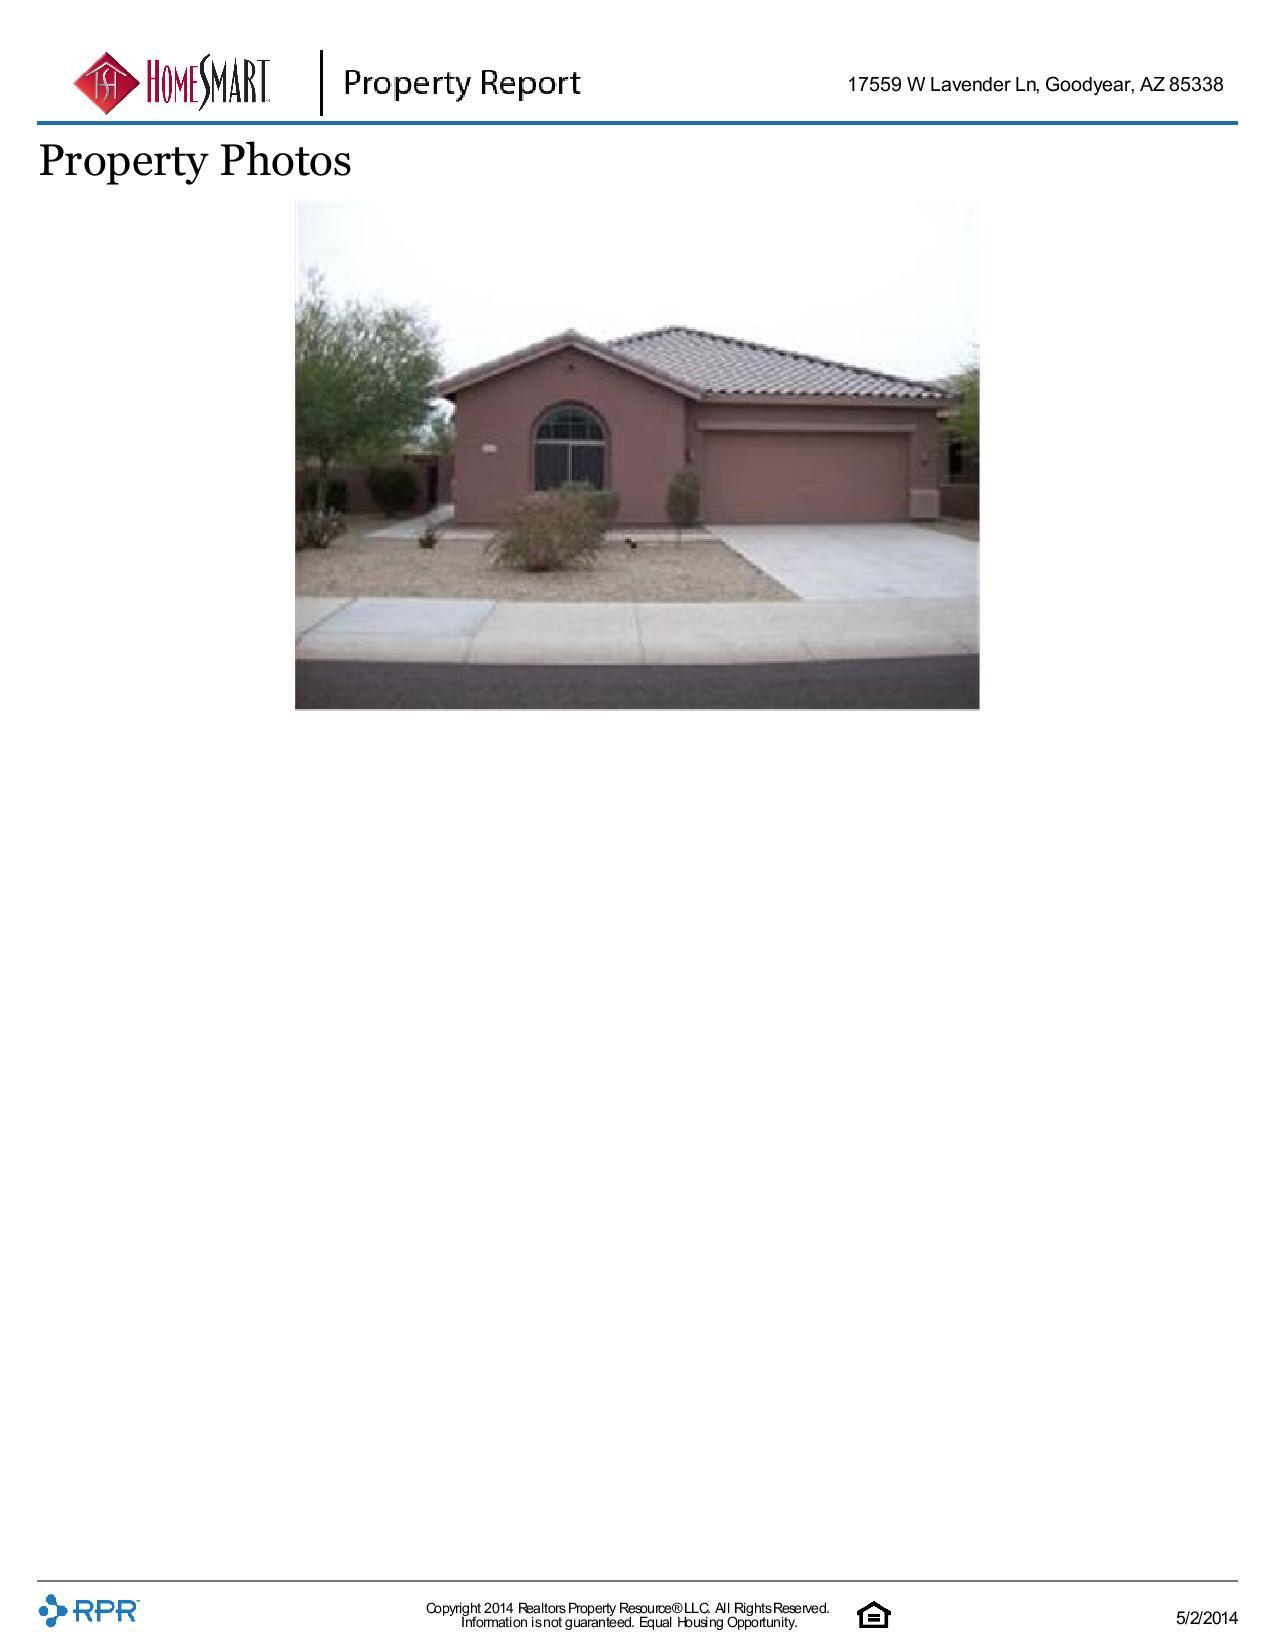 17559-W-Lavender-Ln-Goodyear-AZ-85338-page-004